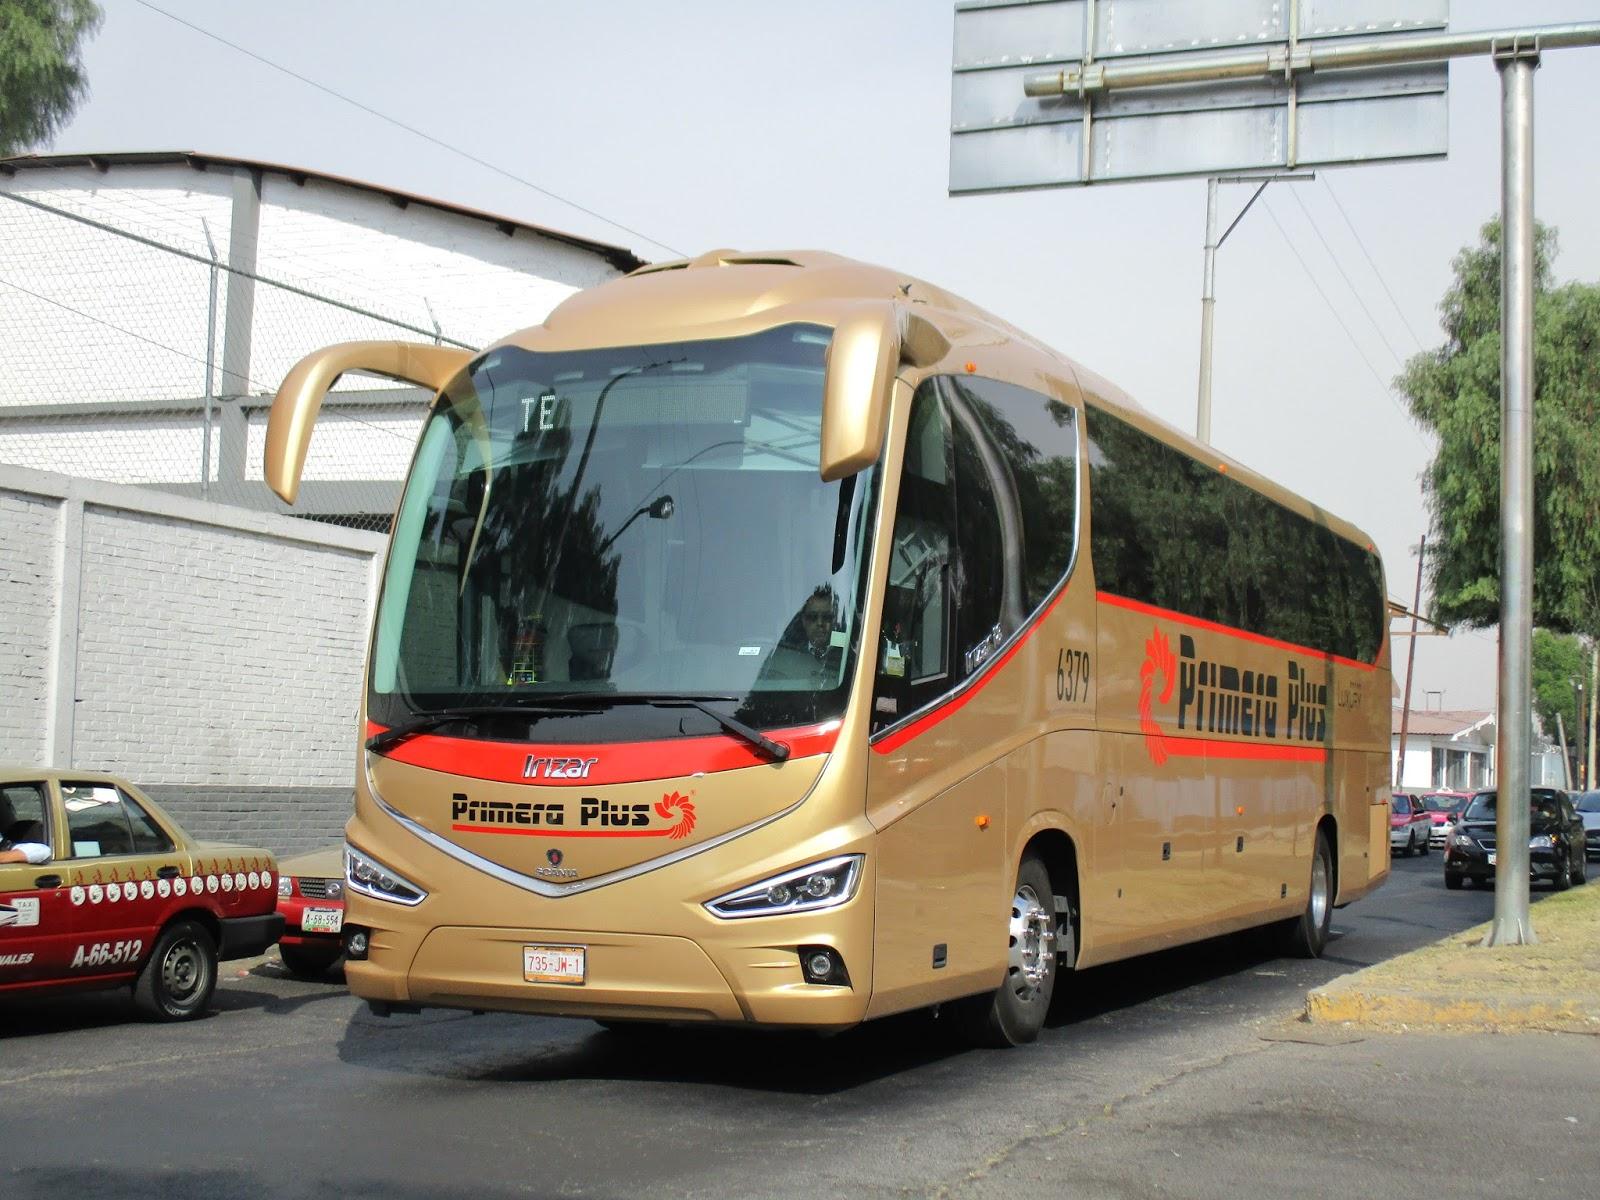 Aycamx autobuses y camiones m xico autobuses for neos 270 primera plus - Autobuses de dos pisos ...